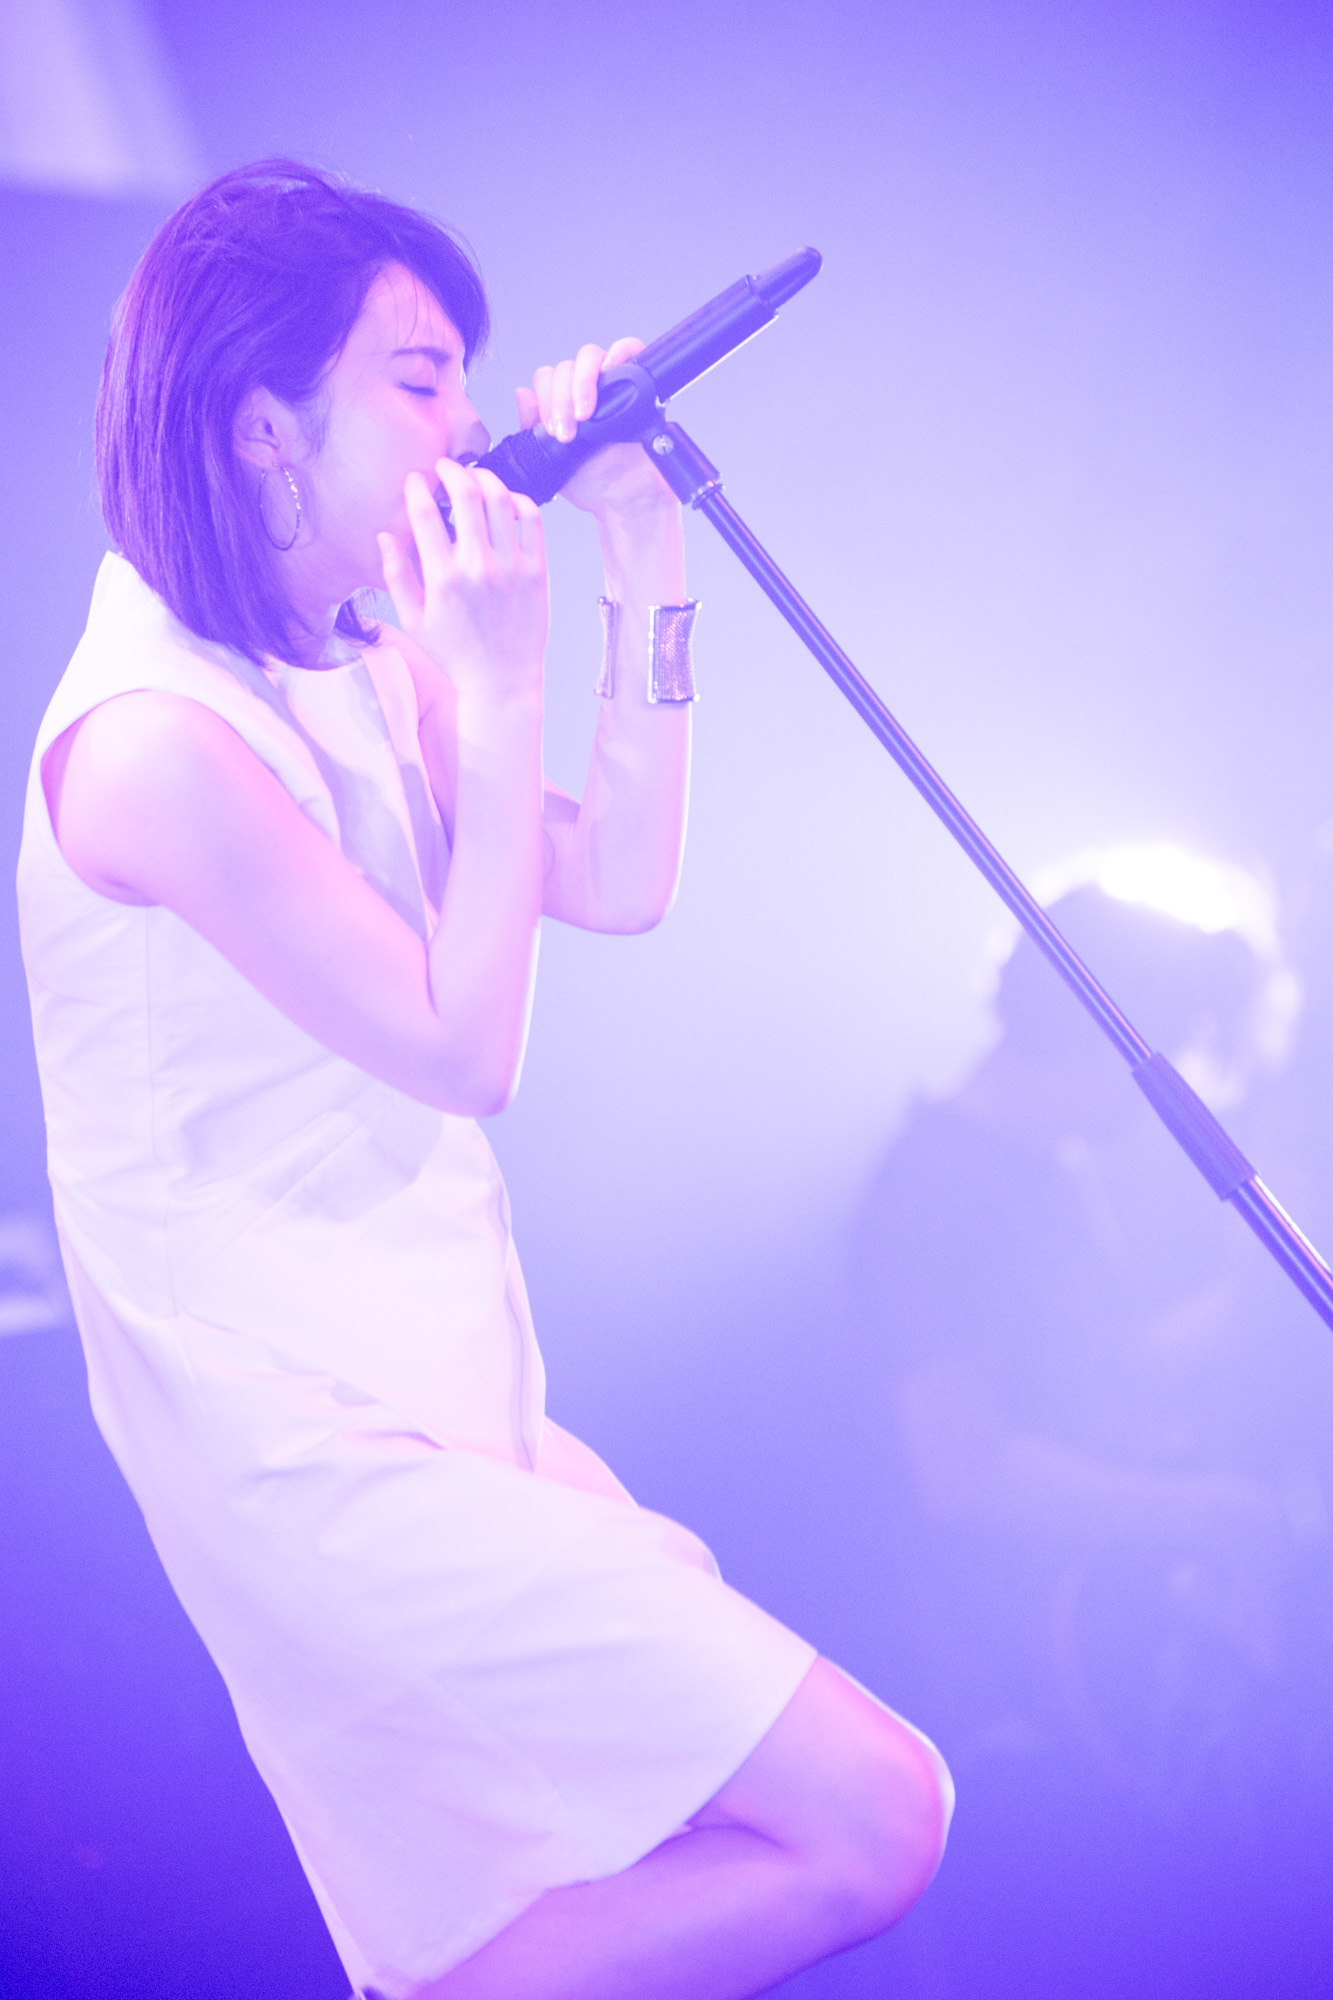 家入レオ『5th Anniversary Live at 日本武道館』 撮影=田中聖太郎